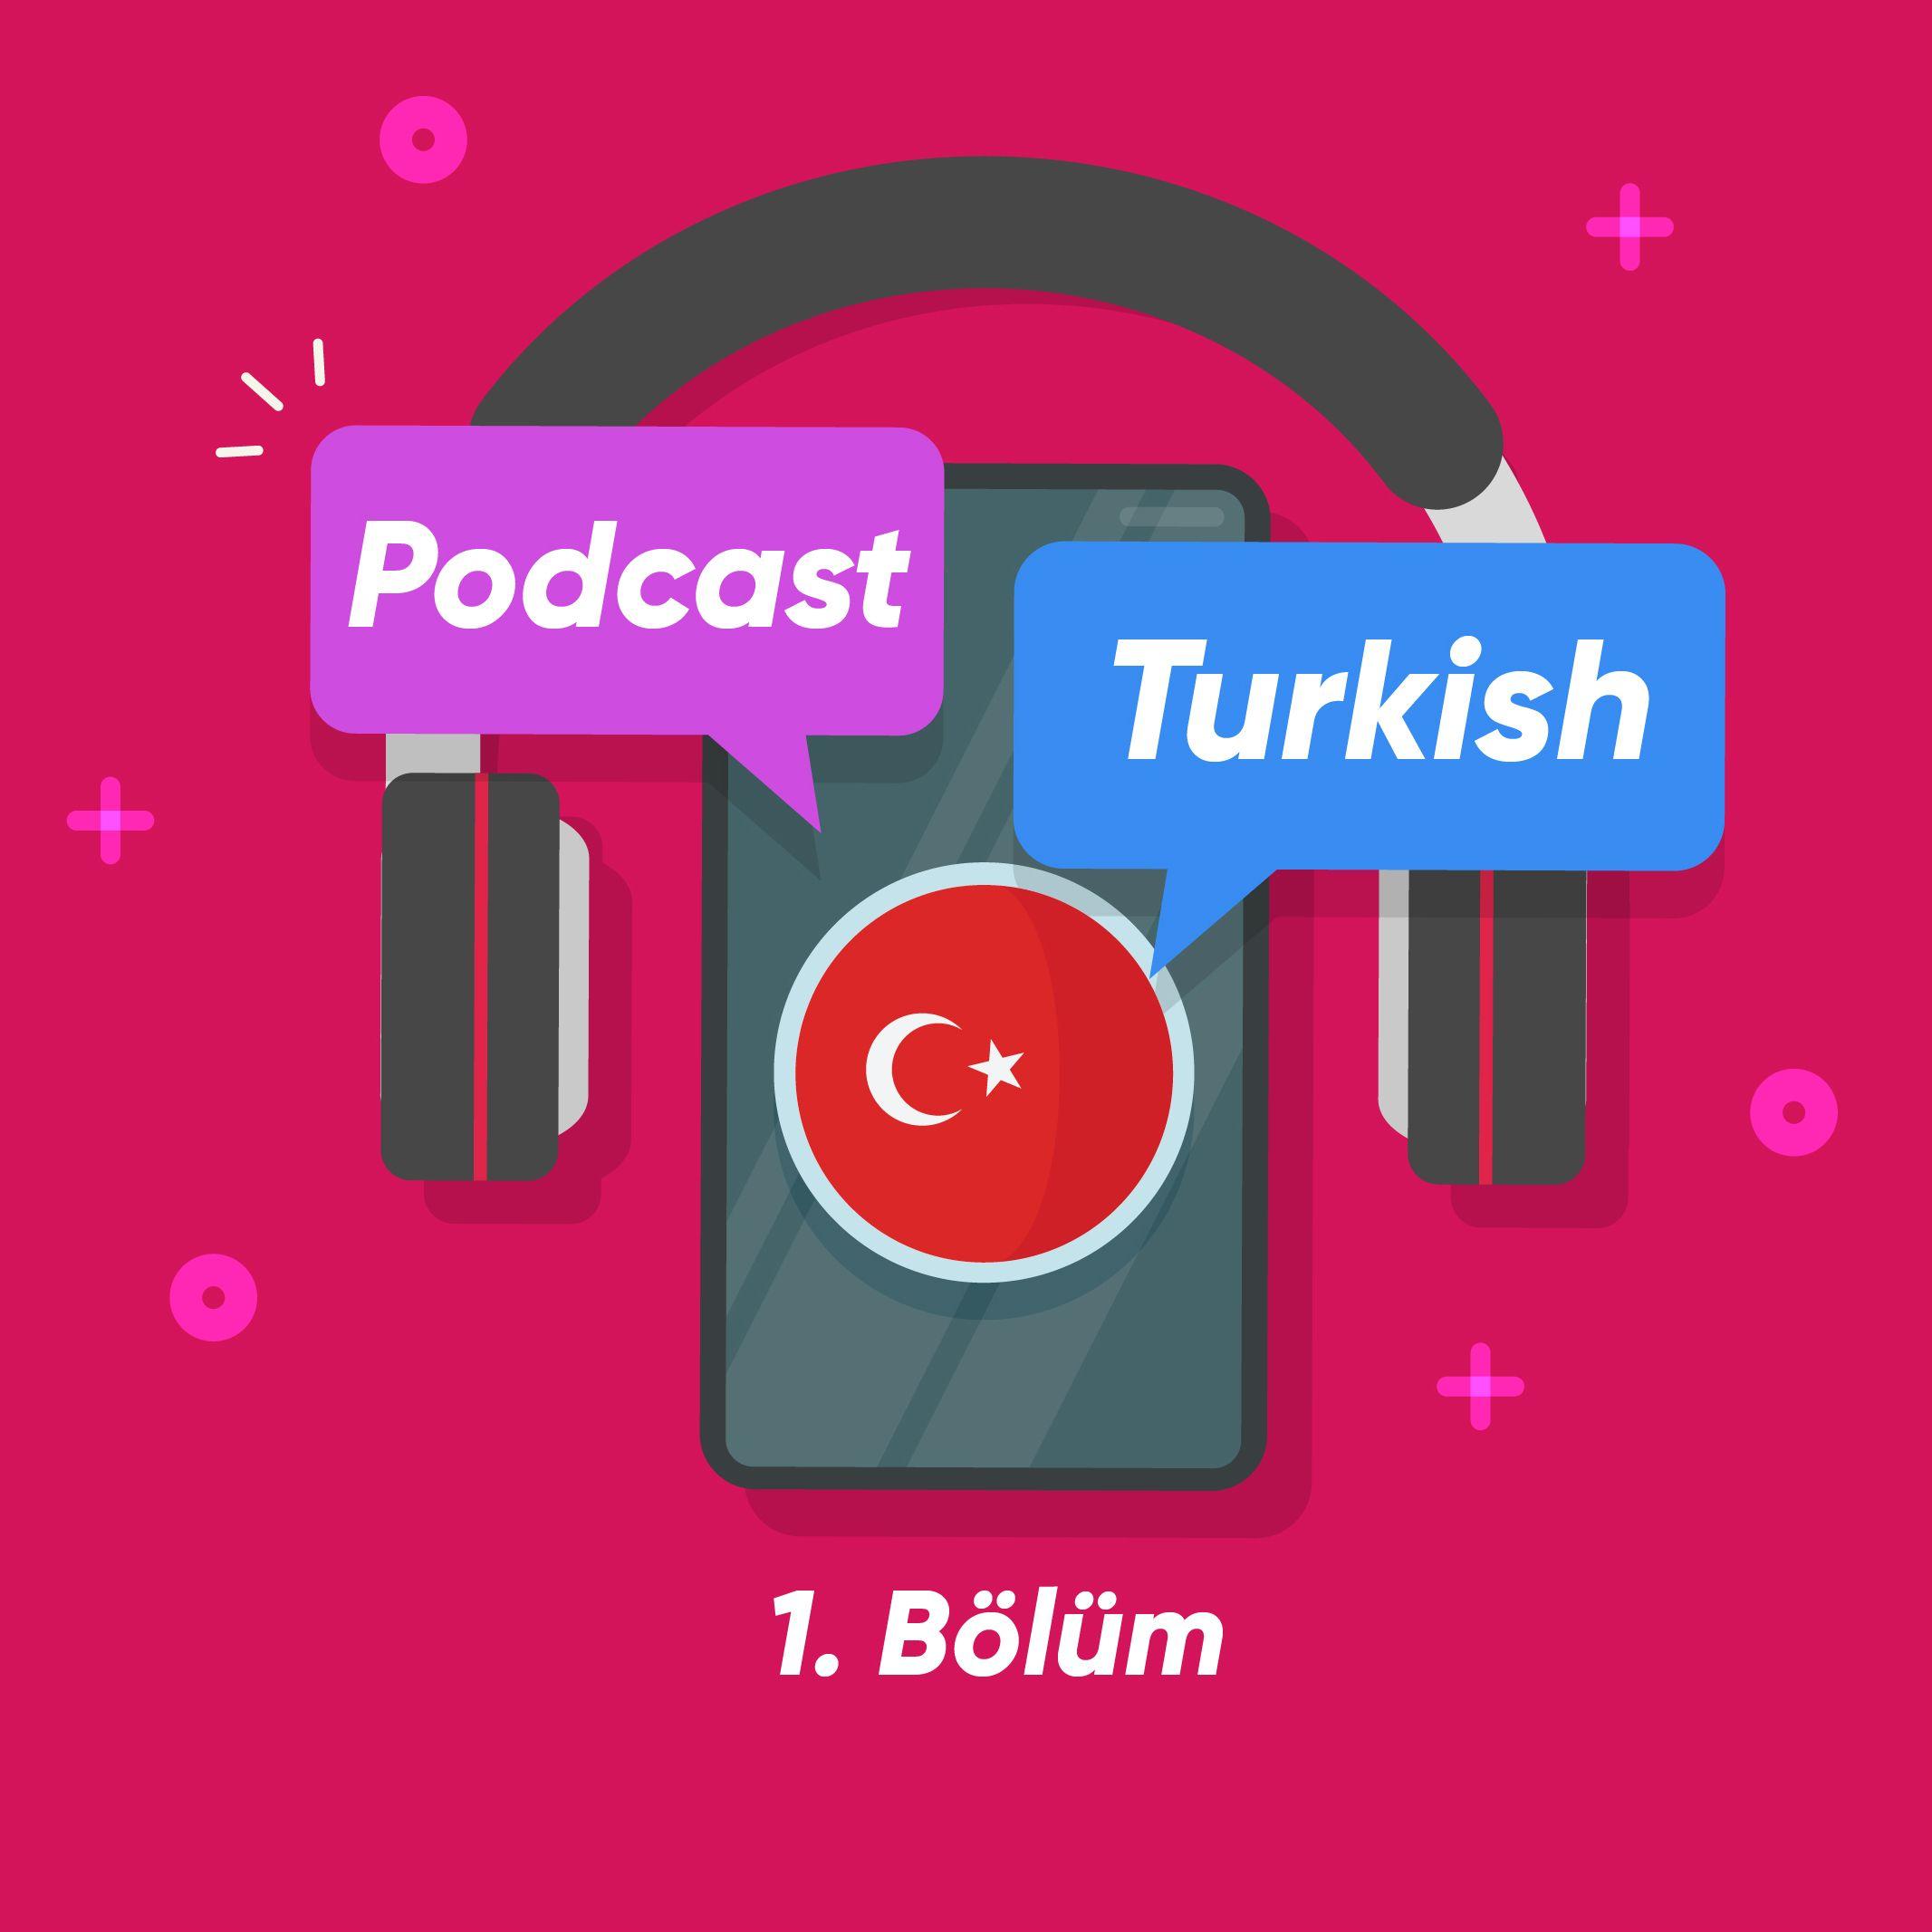 پادکست ترکی استانبولی شماره 1